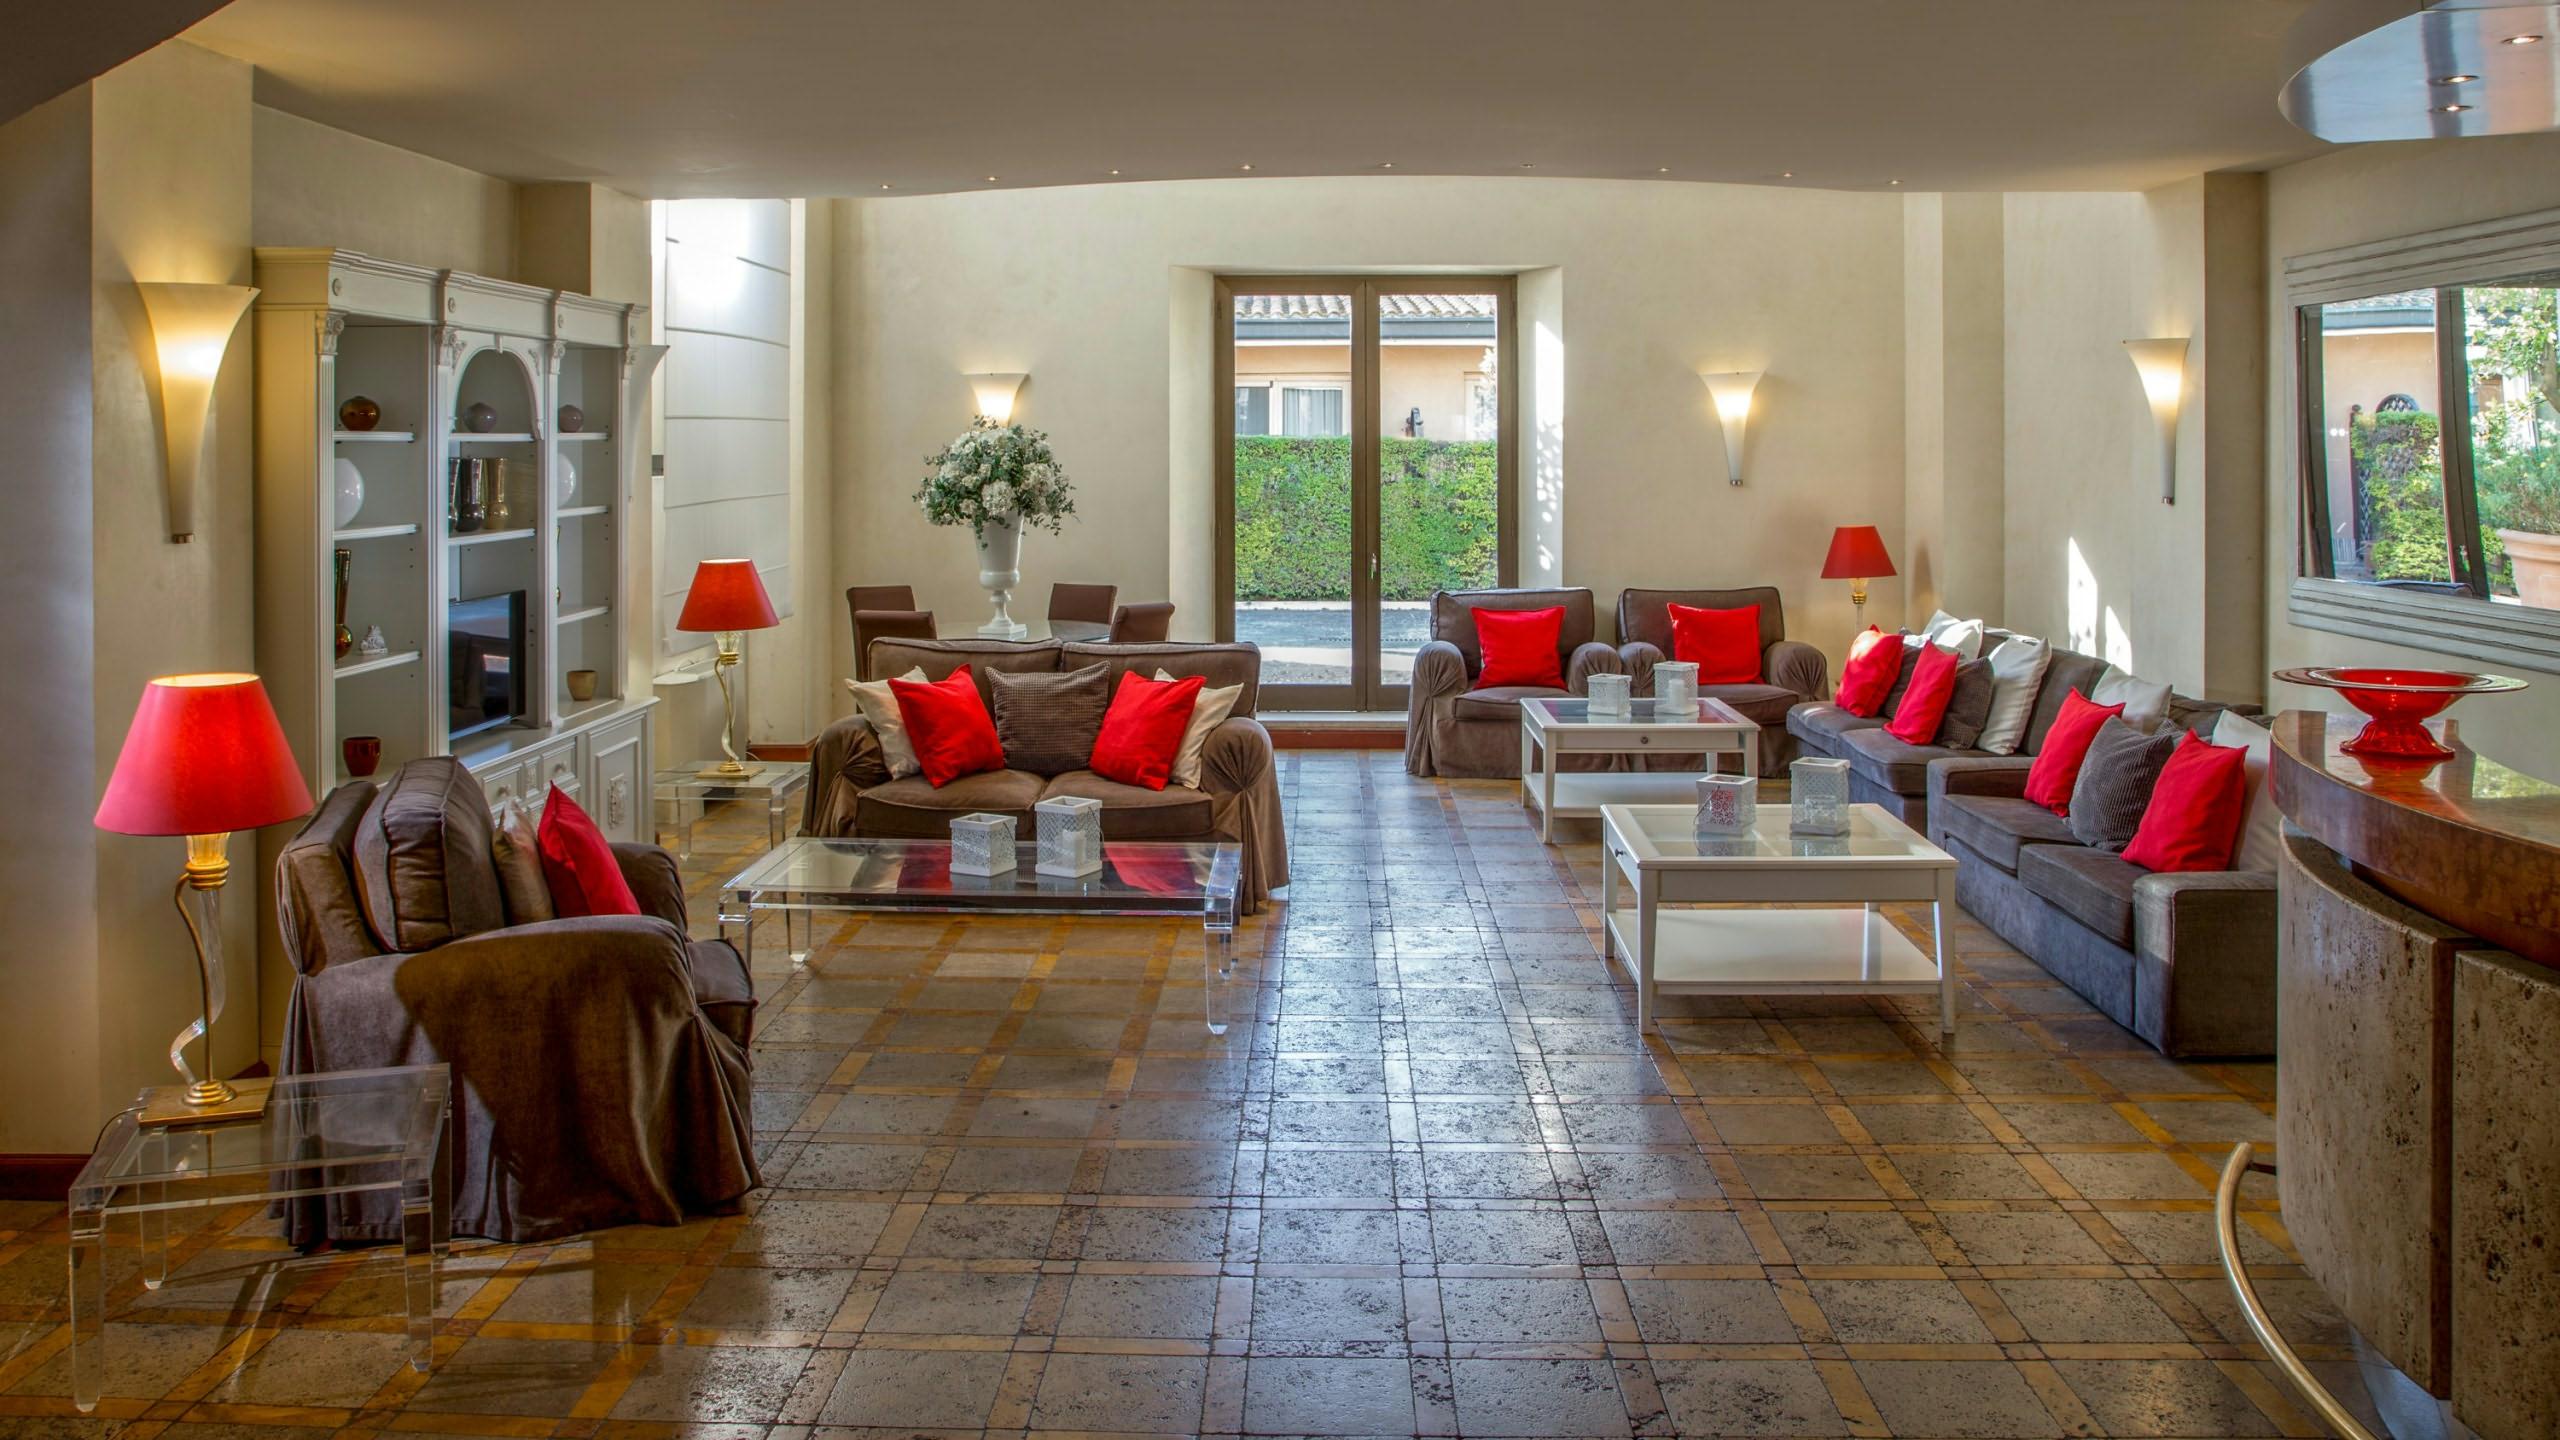 hotel-piccolo-borgo-roma-7288.jpg